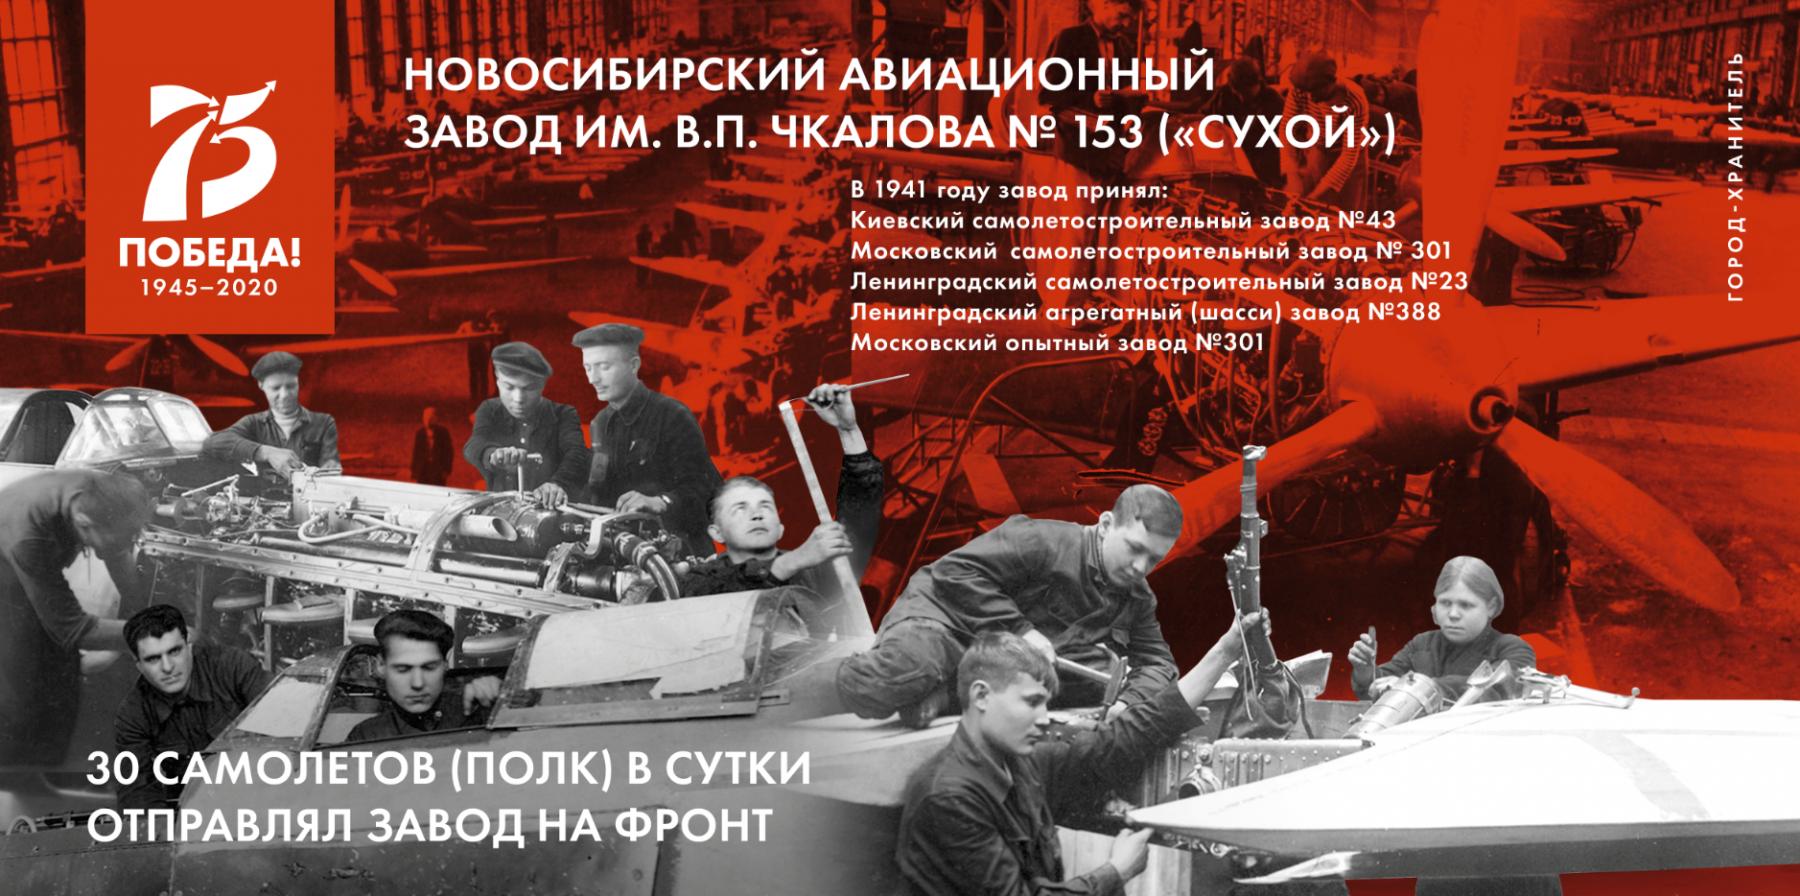 Фото День Победы в Новосибирске: полная программа празднования 9 Мая 7